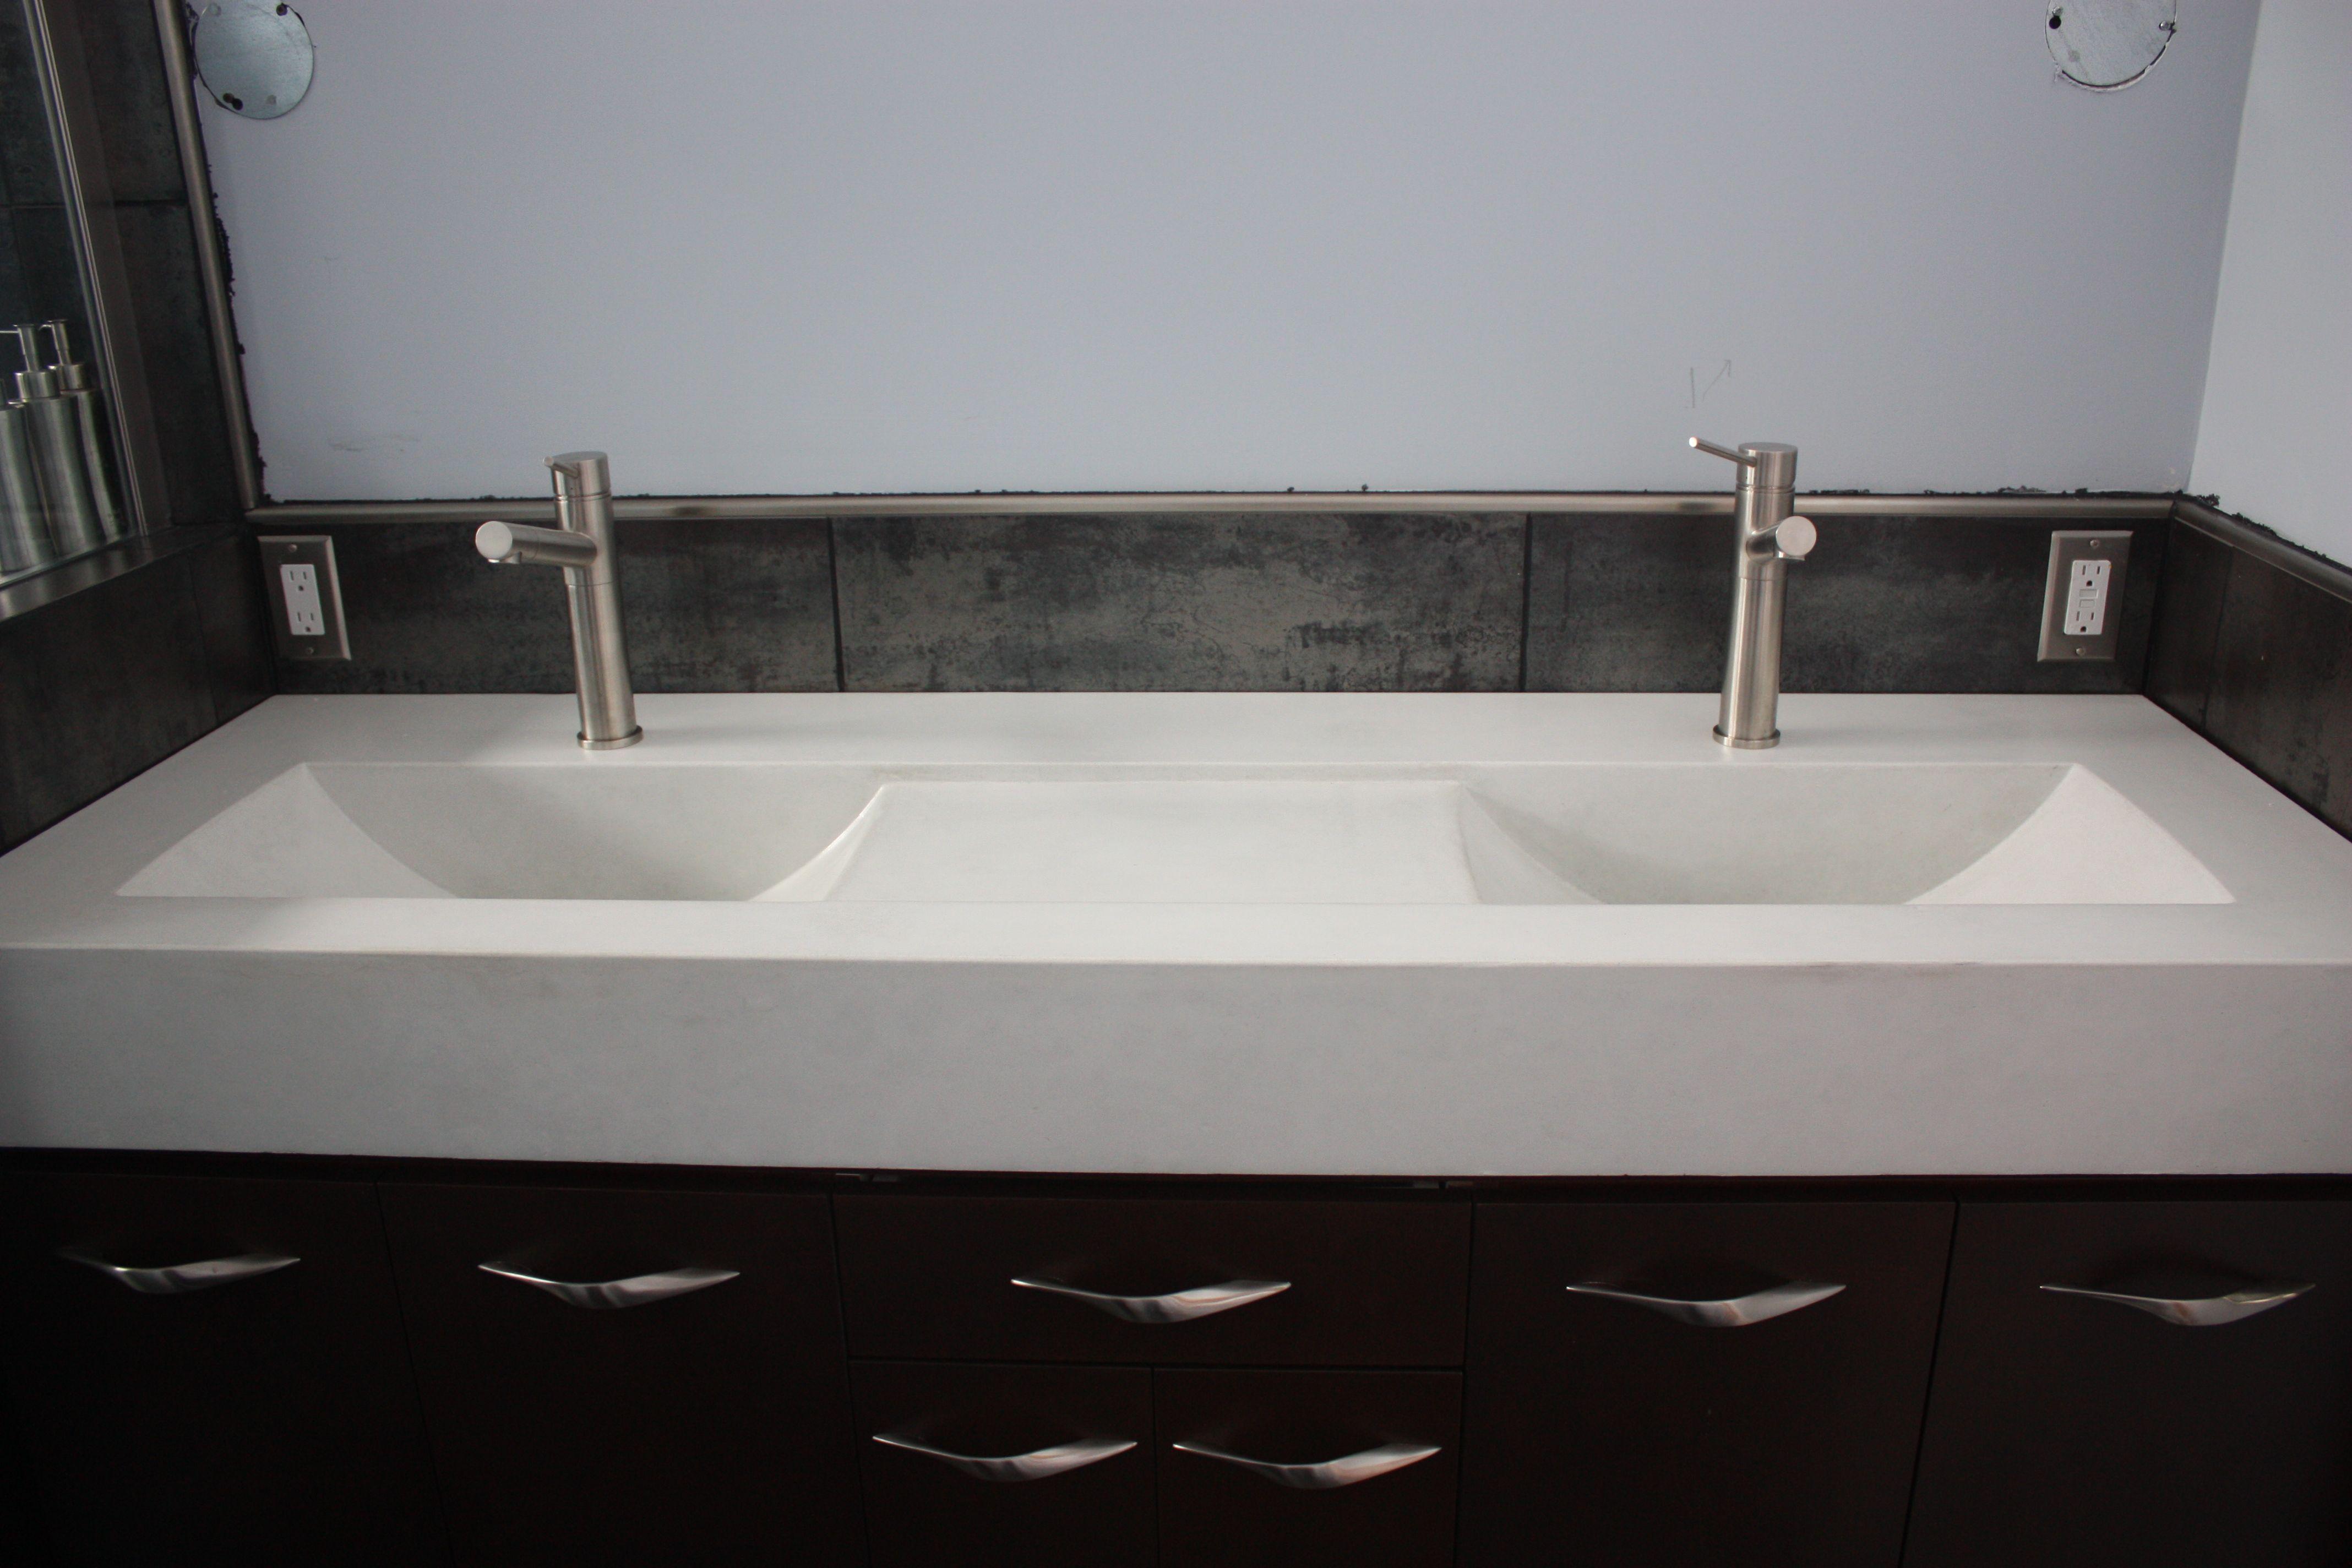 Image Result For Integral Countertop And Dual Sink Rectangular Sink Bathroom Floating Bathroom Vanities Vanity Sink